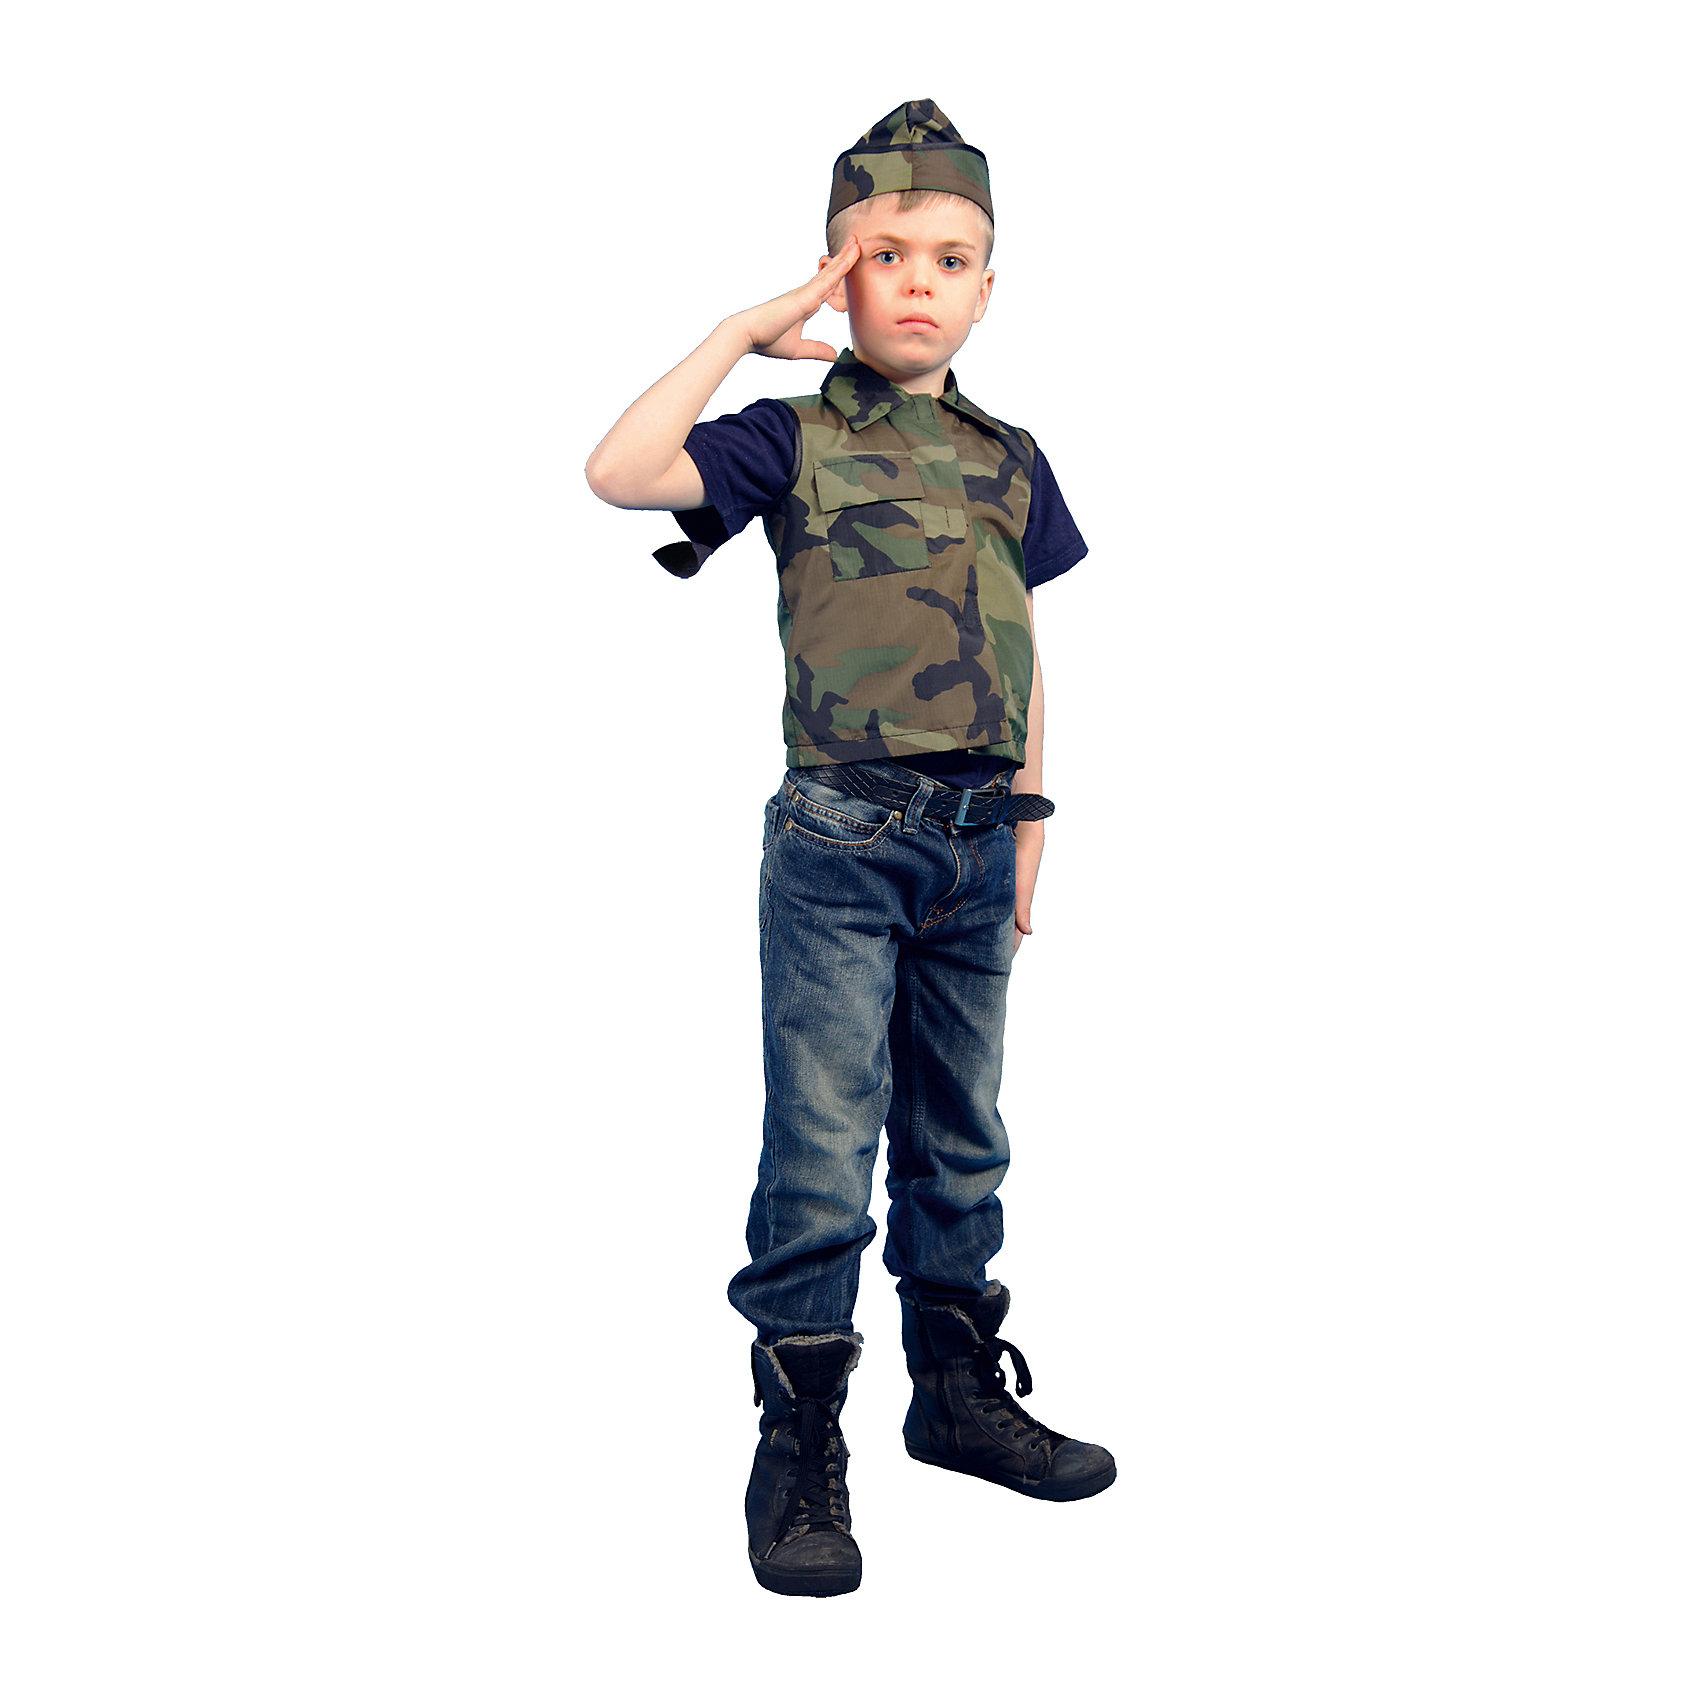 Карнавальный костюм Солдат, ВестификаКарнавальные костюмы для мальчиков<br>Костюм Военного разработан специально для праздника, посвященного Дню Защитника отечества - 23 февраля. Военный костюм предназначен для утренников в детском саду. Он выполнен из камуфляжной ткани. Жилетка застегивается на груди на липучку, беретка регулируется по ширине шнурком. Широкие брюки, собранные на резинку, не стесняют движения. Костюм Военного понравится мальчикам. Рекомендуем дополнить костюм темными ботинками в цвет изделия и темной футболкой.<br><br>Дополнительная информация:<br><br>Комплектация: Жилет, пилотка<br>Материал: Саржа (100% хлопок)<br>Рекомендуется для детей старше 3-х лет для кратковременного ношения. <br>Срок службы 5 лет при аккуратном ношении. <br>Способ ухода за изделием: ручная стирка при температуре 30 С° с применением нейтральных моющих средств. <br>Не отжимать. <br>Не сушить в машине. <br>Гладить при низкой температуре.<br><br>Карнавальный костюм Солдат, Вестифика можно купить в нашем магазине.<br><br>Ширина мм: 236<br>Глубина мм: 16<br>Высота мм: 184<br>Вес г: 360<br>Цвет: белый<br>Возраст от месяцев: 60<br>Возраст до месяцев: 84<br>Пол: Унисекс<br>Возраст: Детский<br>Размер: 116/122,128/134,140/146<br>SKU: 4528646